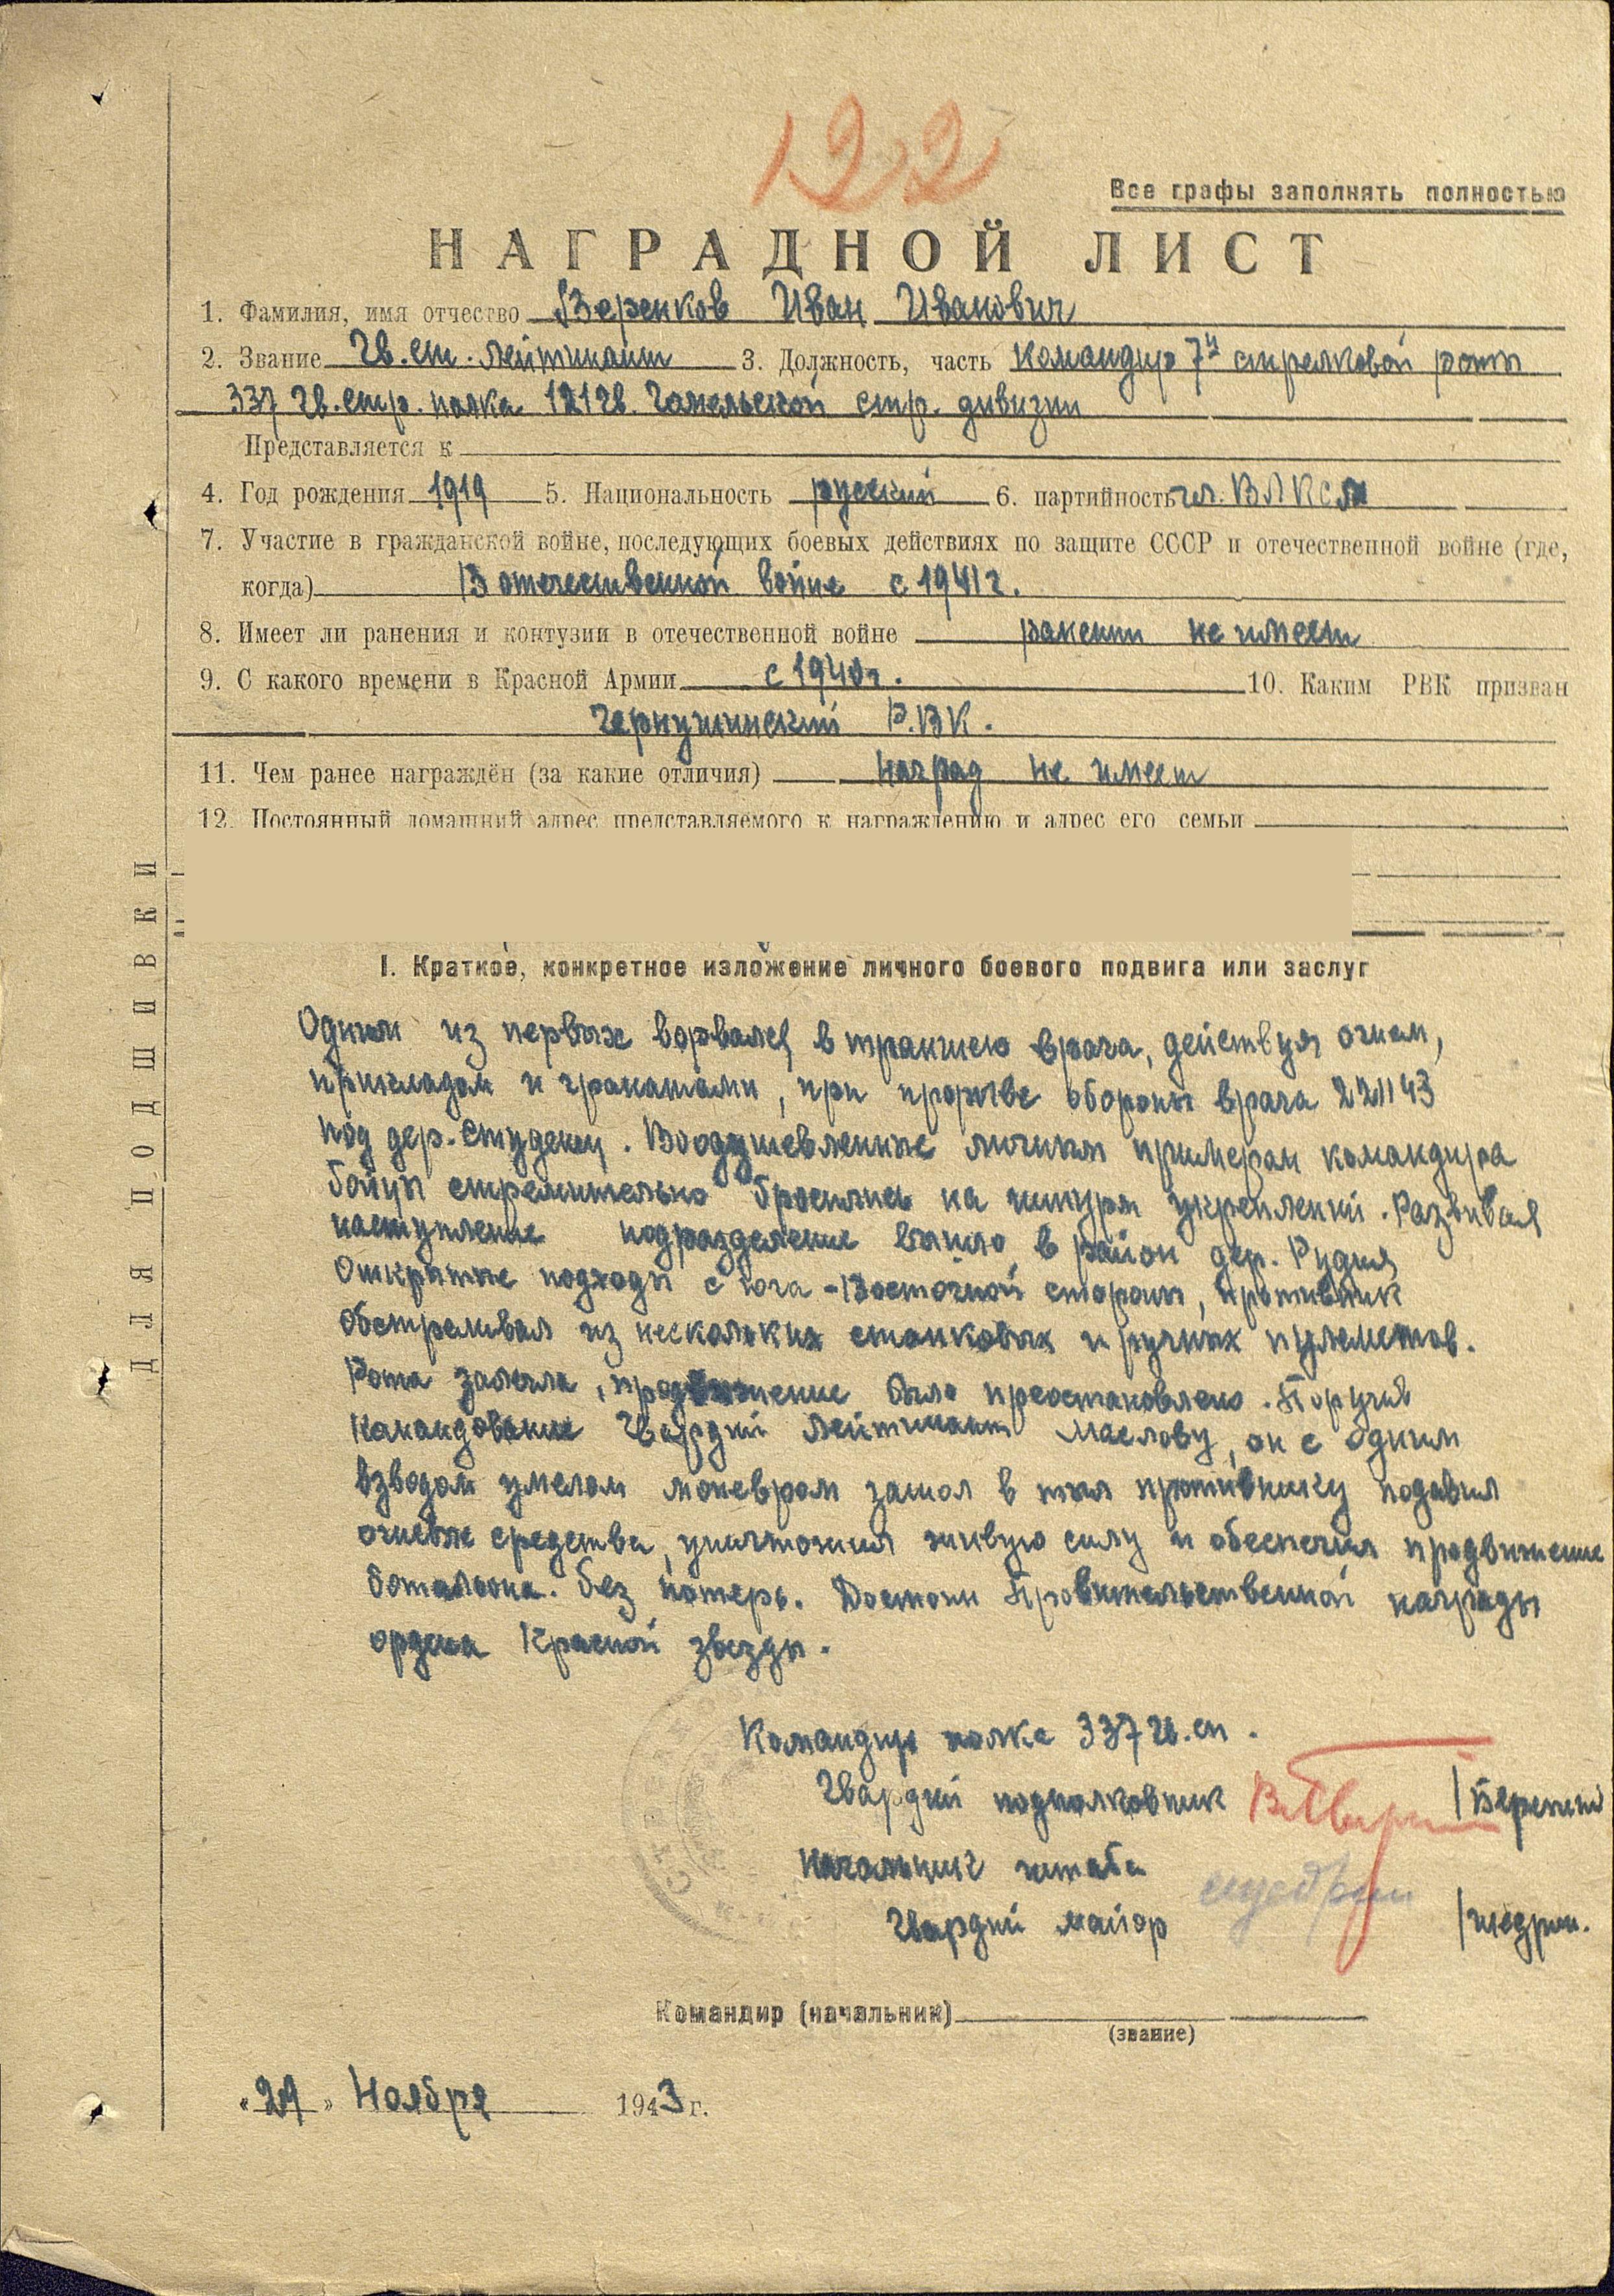 Наградной лист Телегина Алексеея Алексеевича орденом Красной Звезды